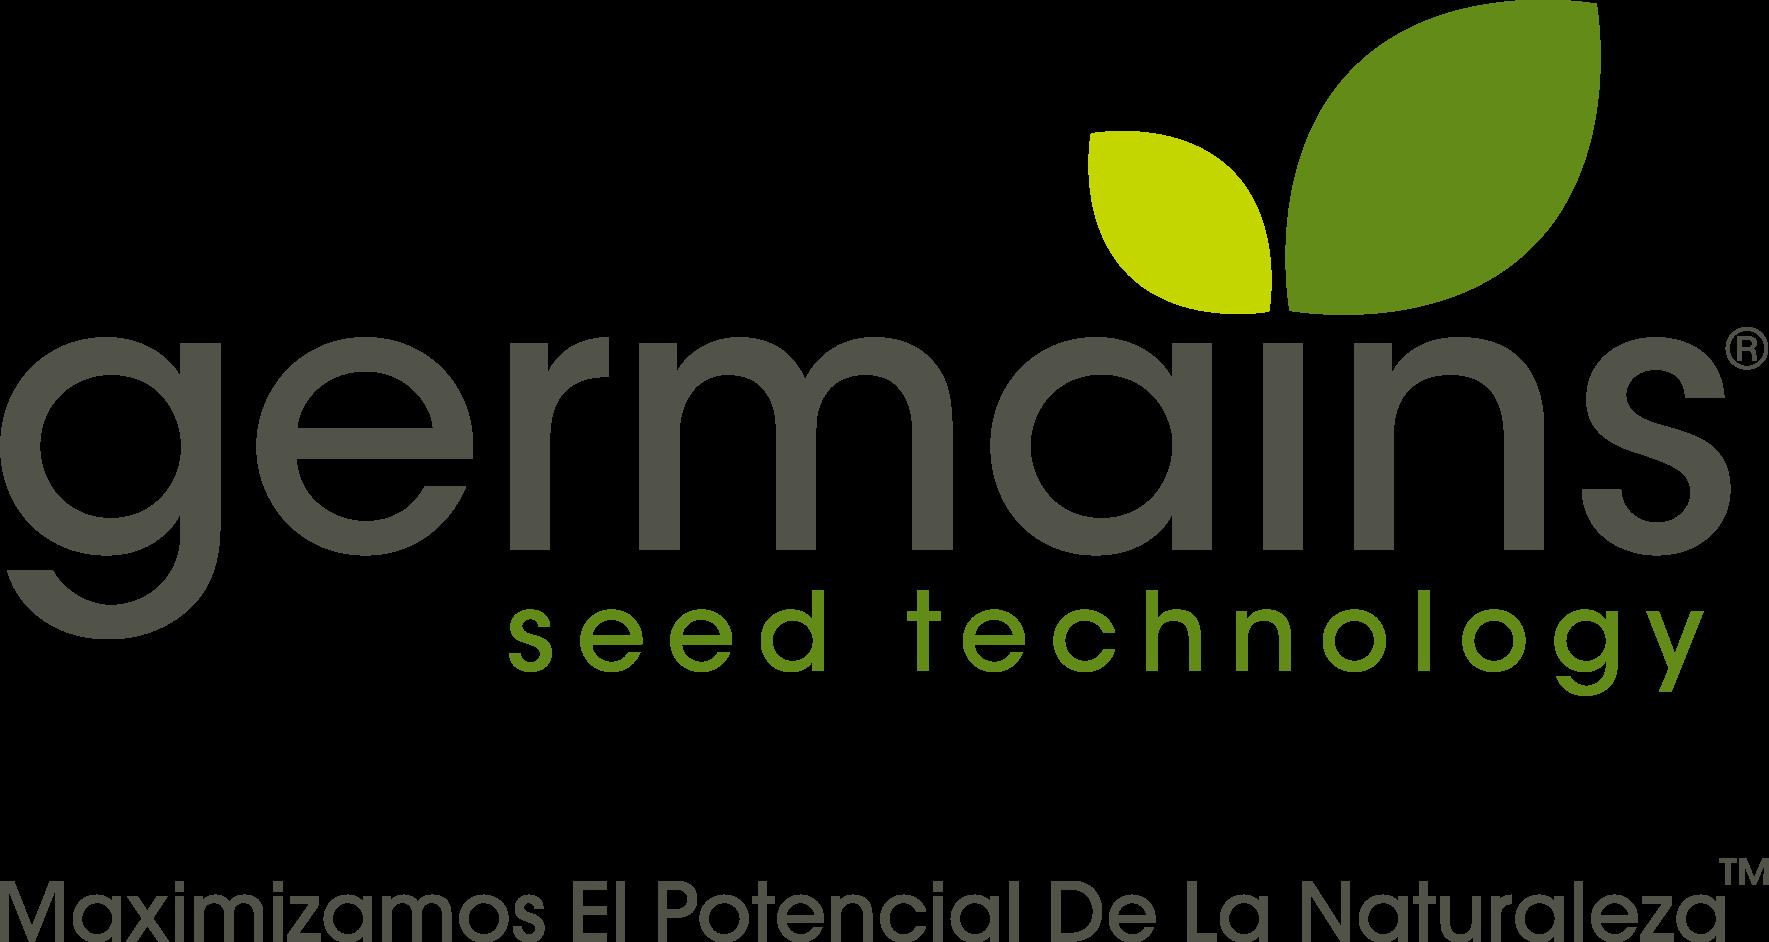 Germains_logo